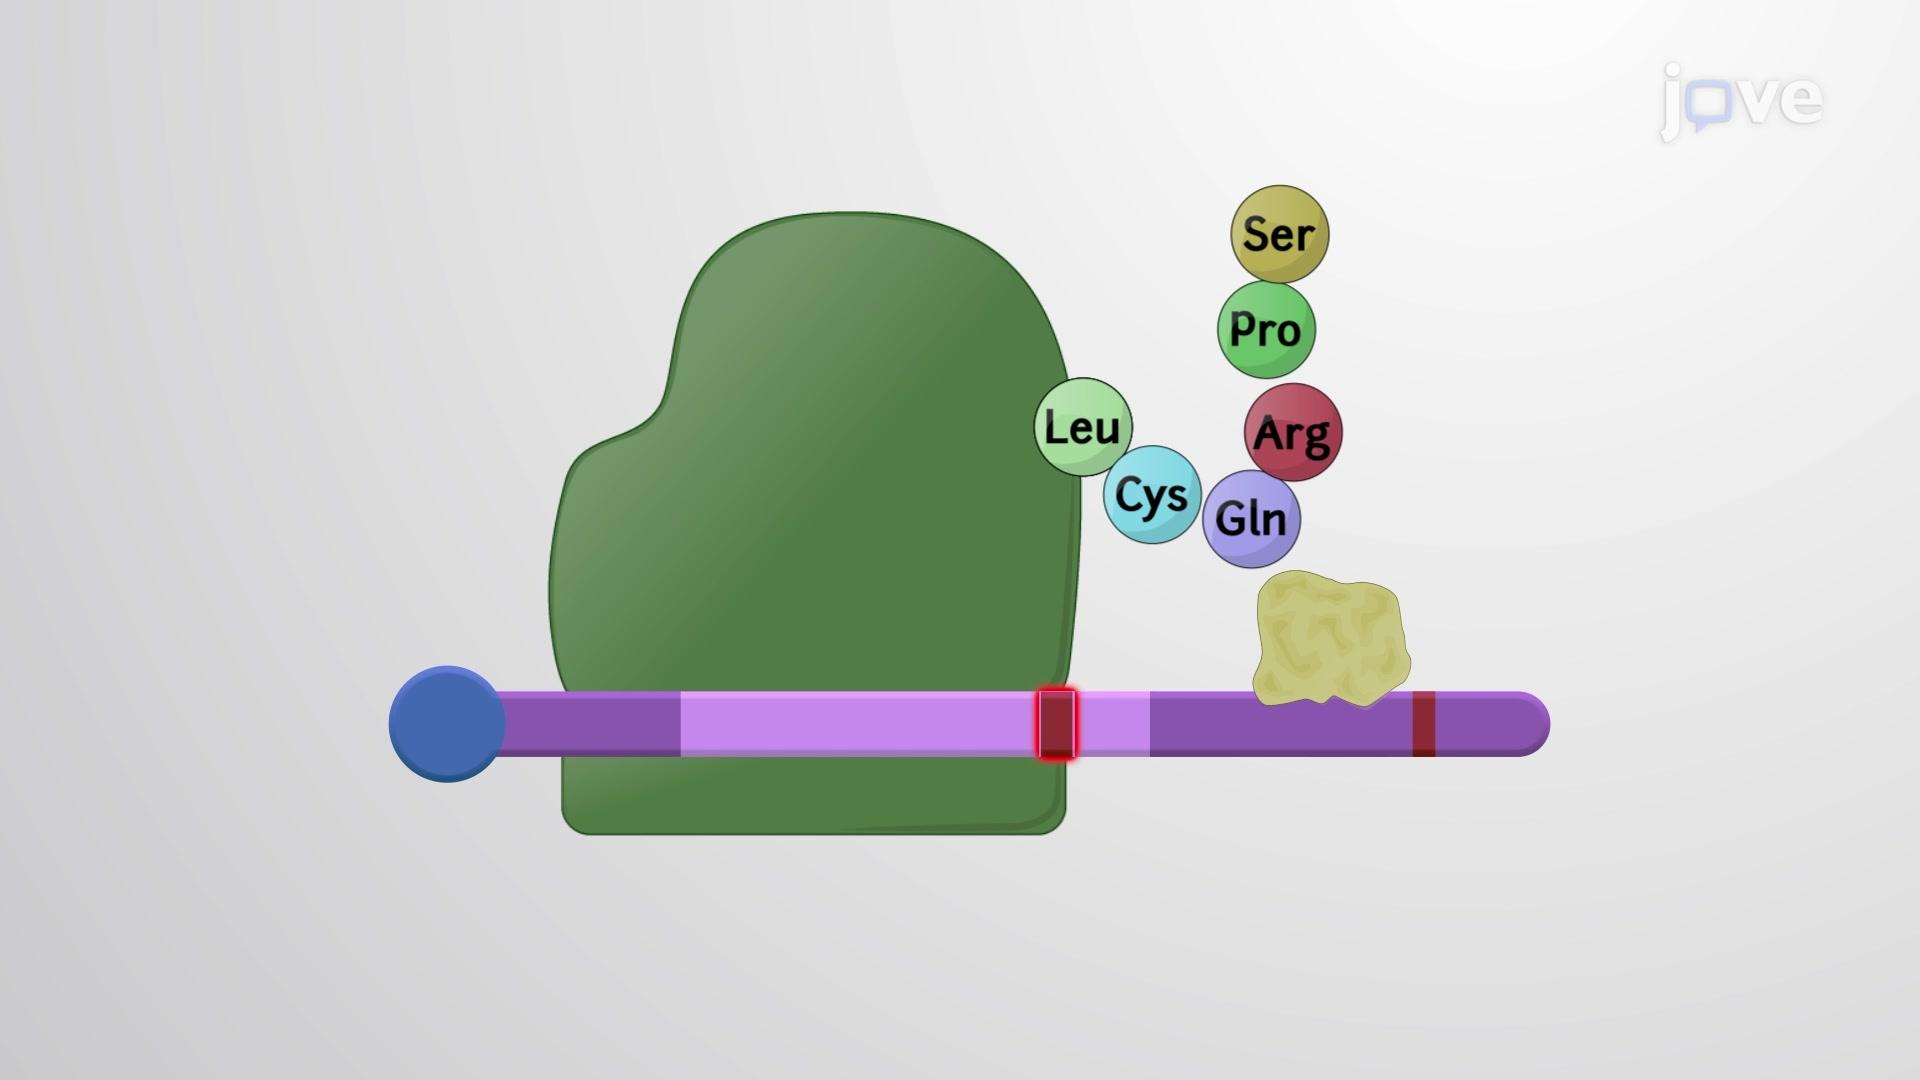 تحلل حمض نووى ريبوزى معتمد على اجزاء لا معقولة